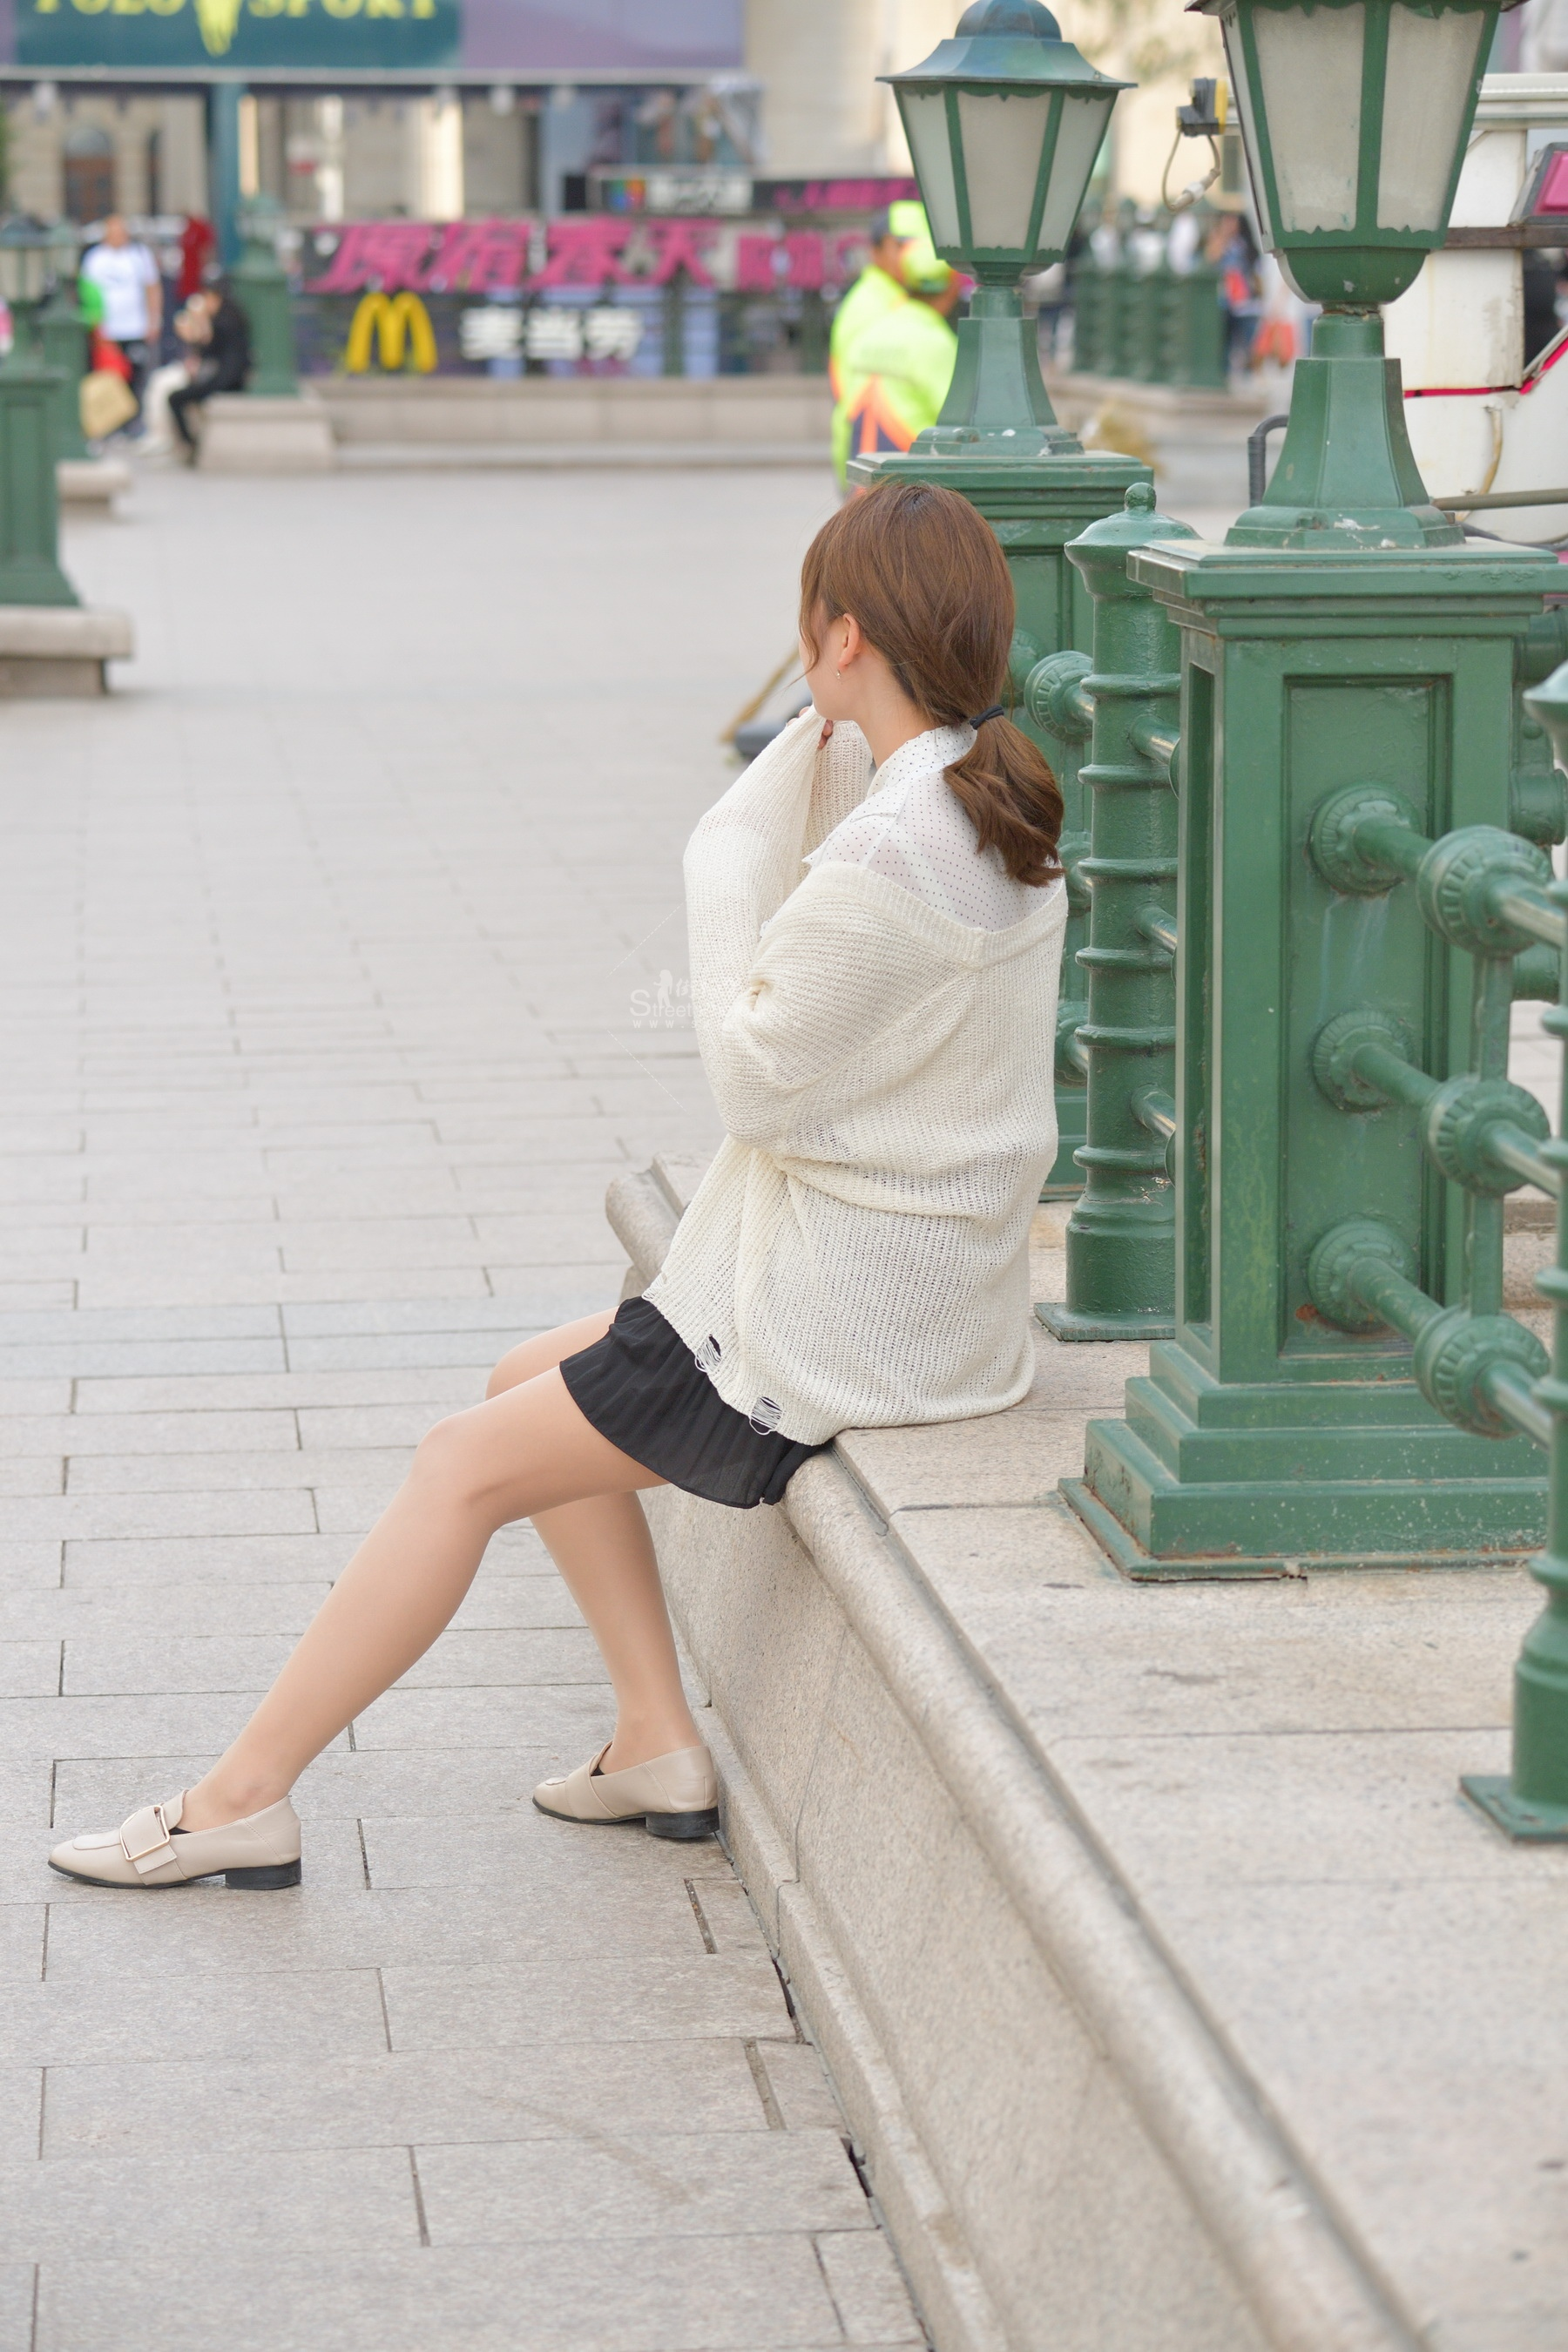 黑裙肉 丝袜